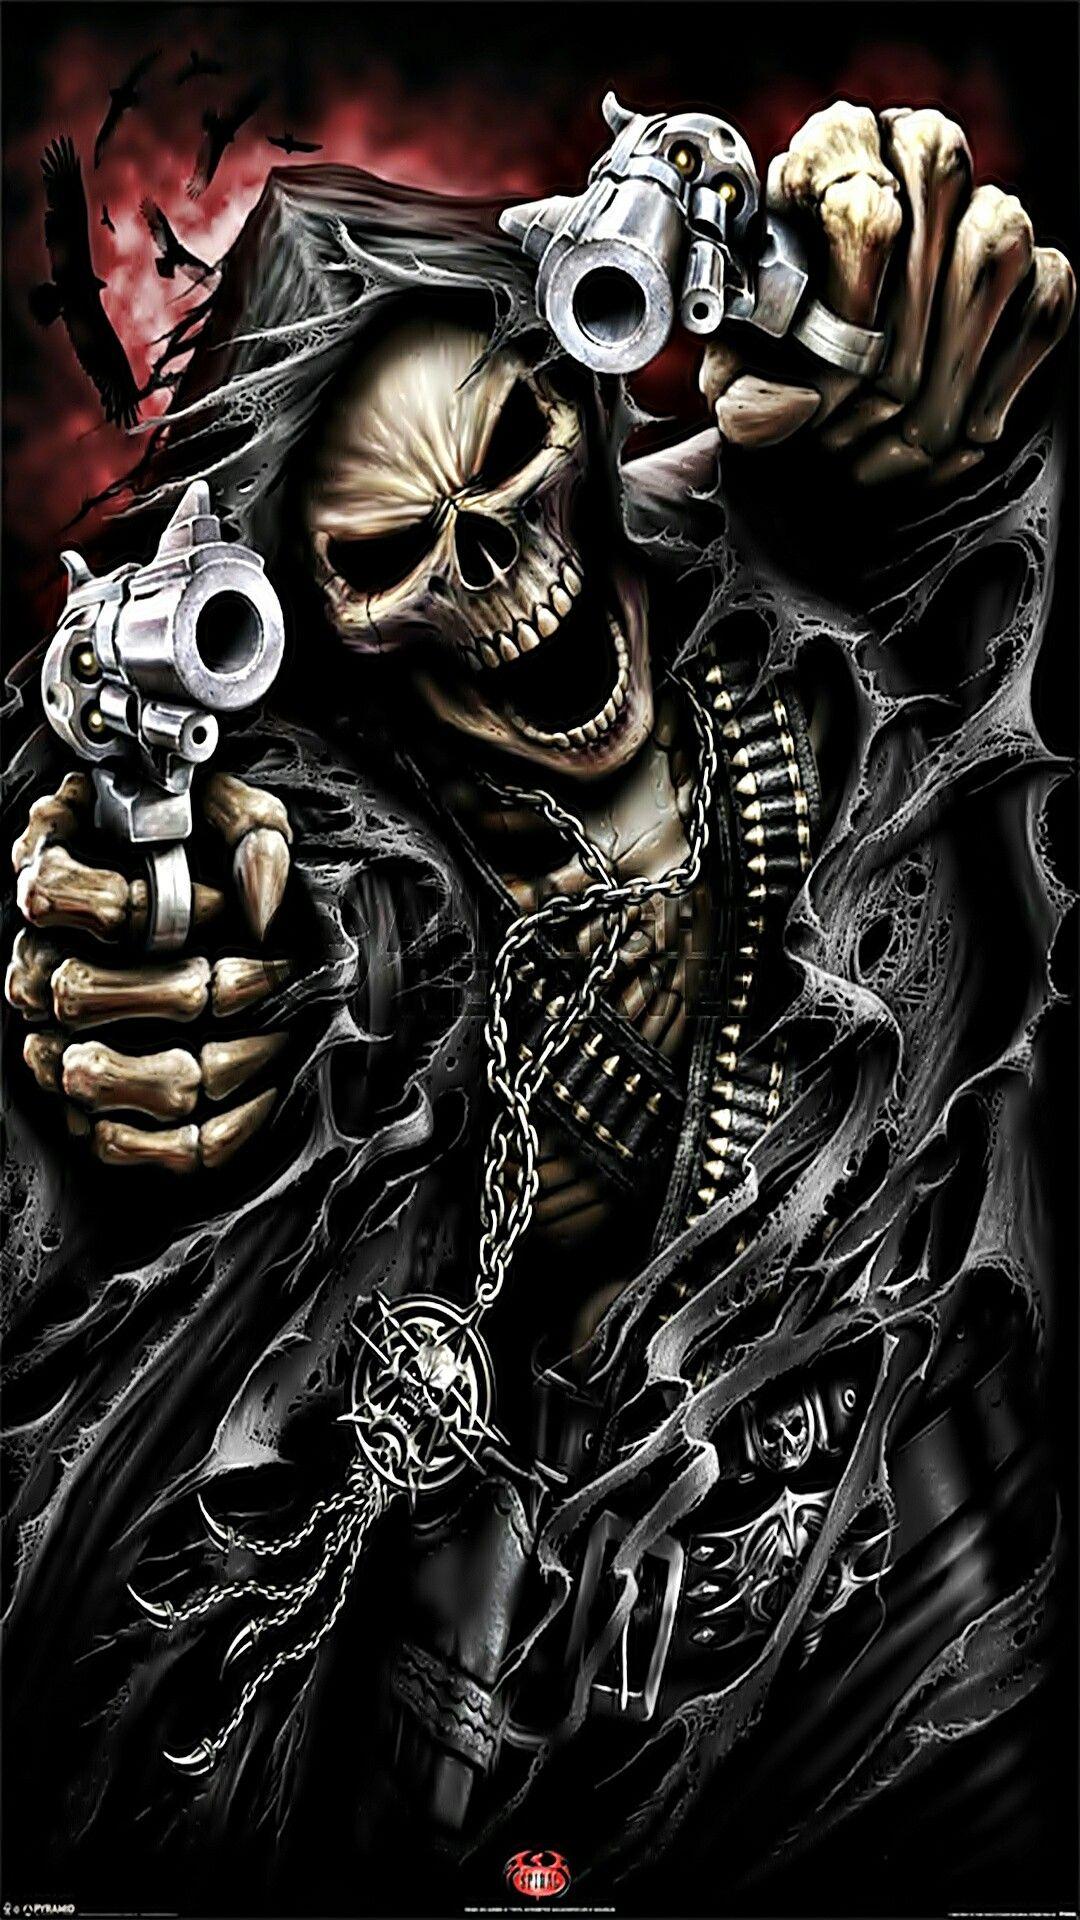 Skeleton with guns wallpaper skeleton clowns guns - Skeleton wallpaper ...